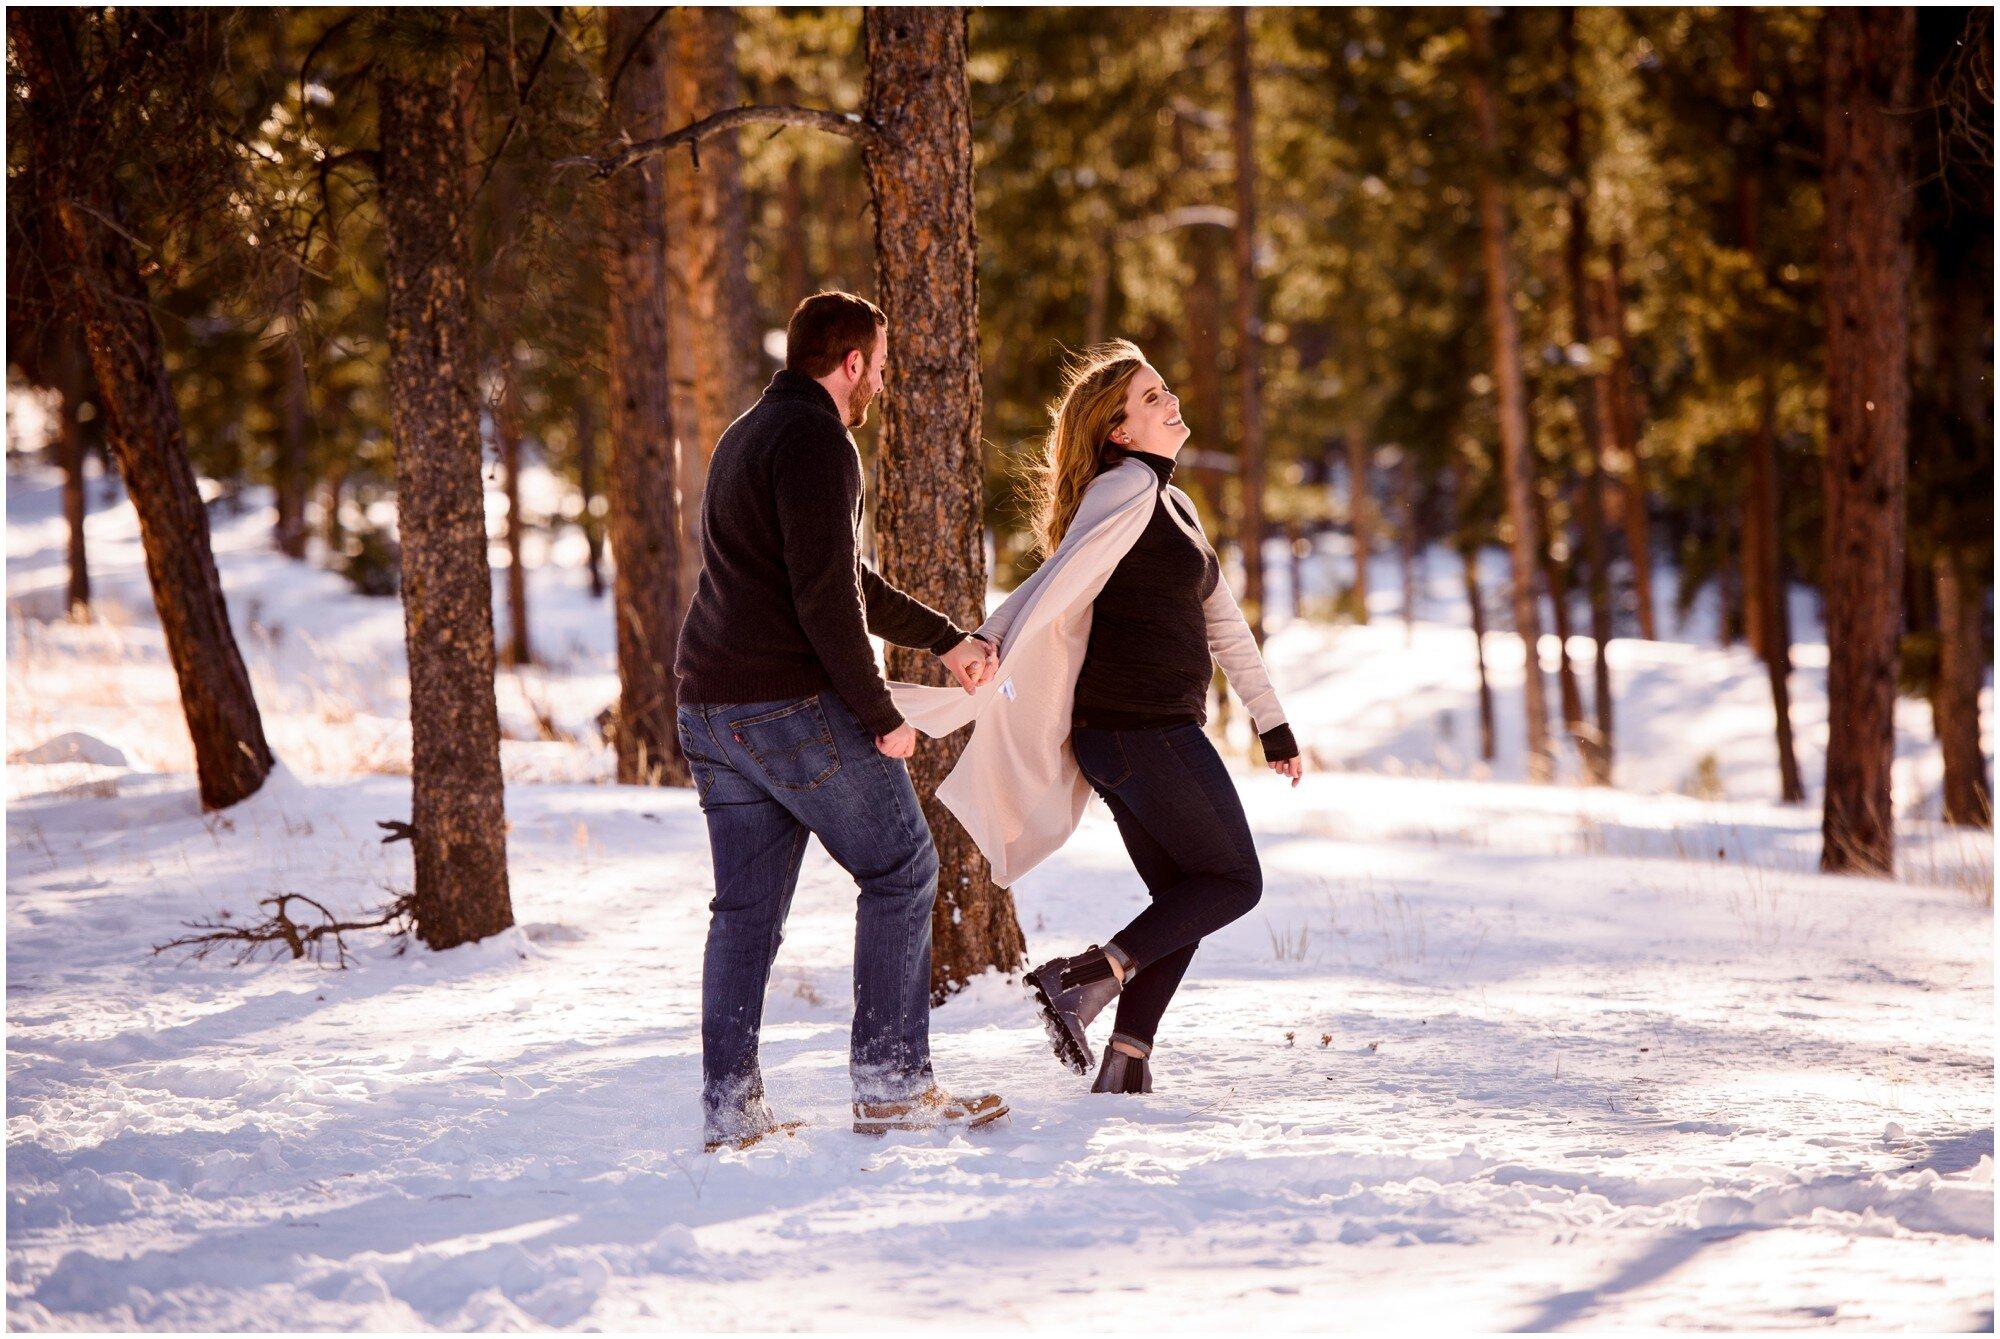 couple runs through snow in Colorado mountains